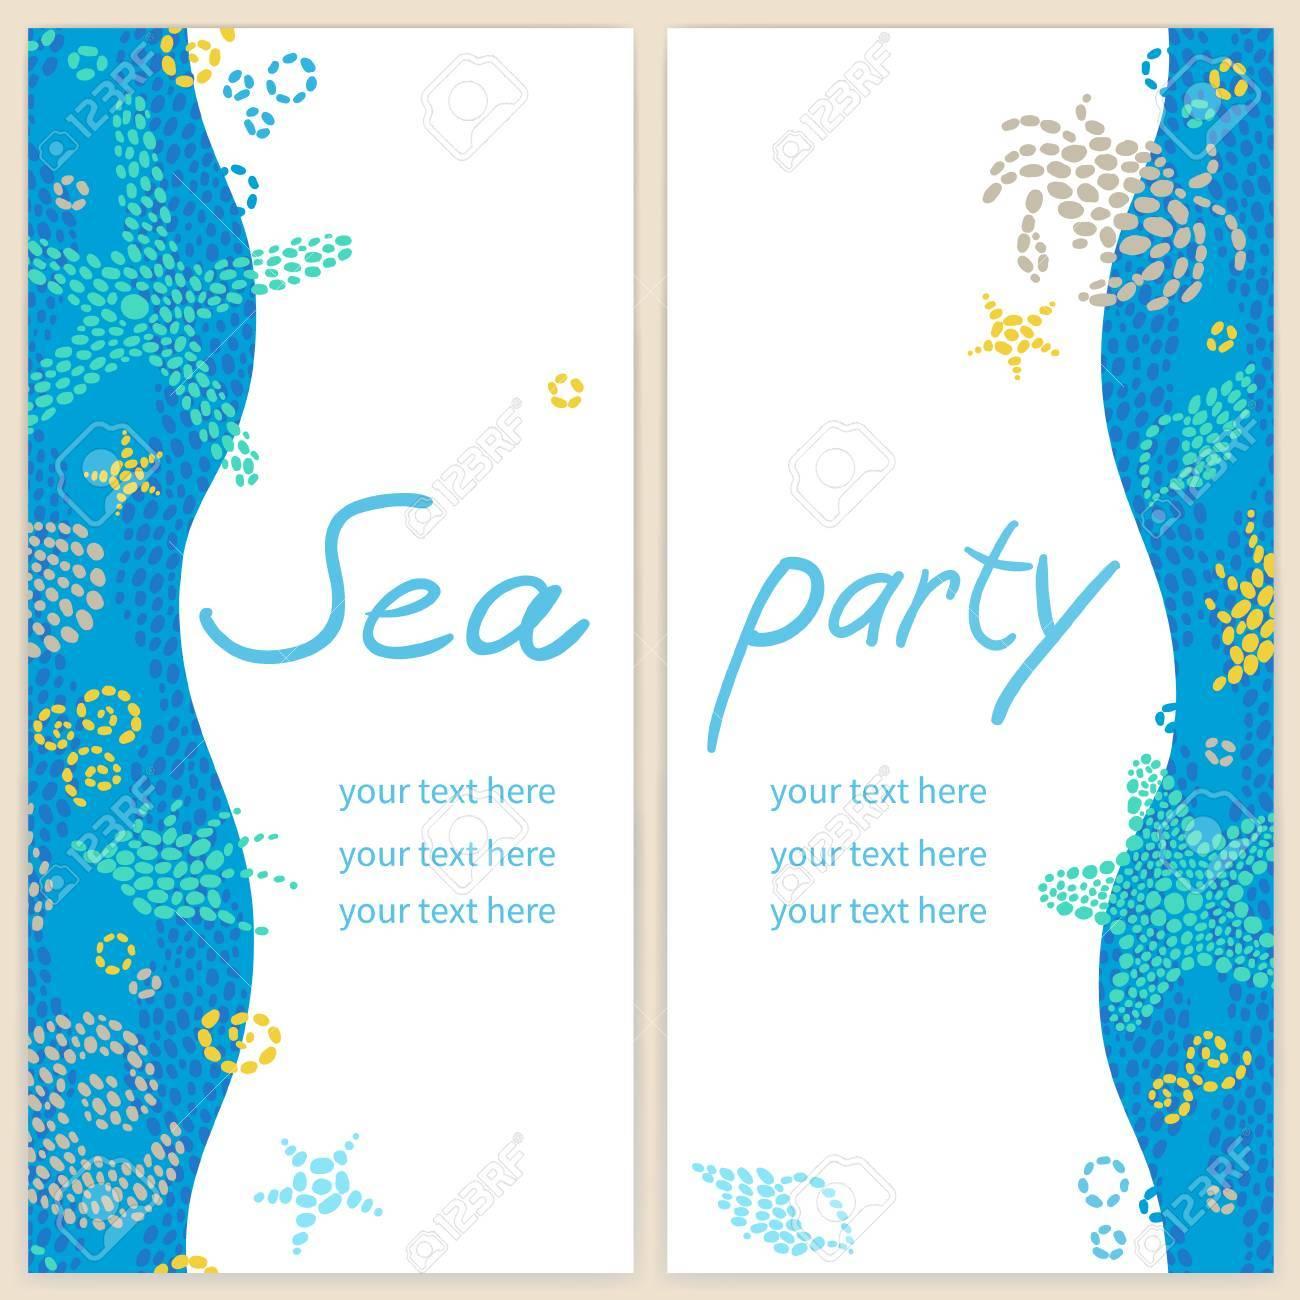 Tarjetas De Invitación Brillantes Con Elementos Marinos Fondo Marino Vector Vida Modelo Del Mar Con Peces Y Las Olas Lugar Para El Texto Diseño